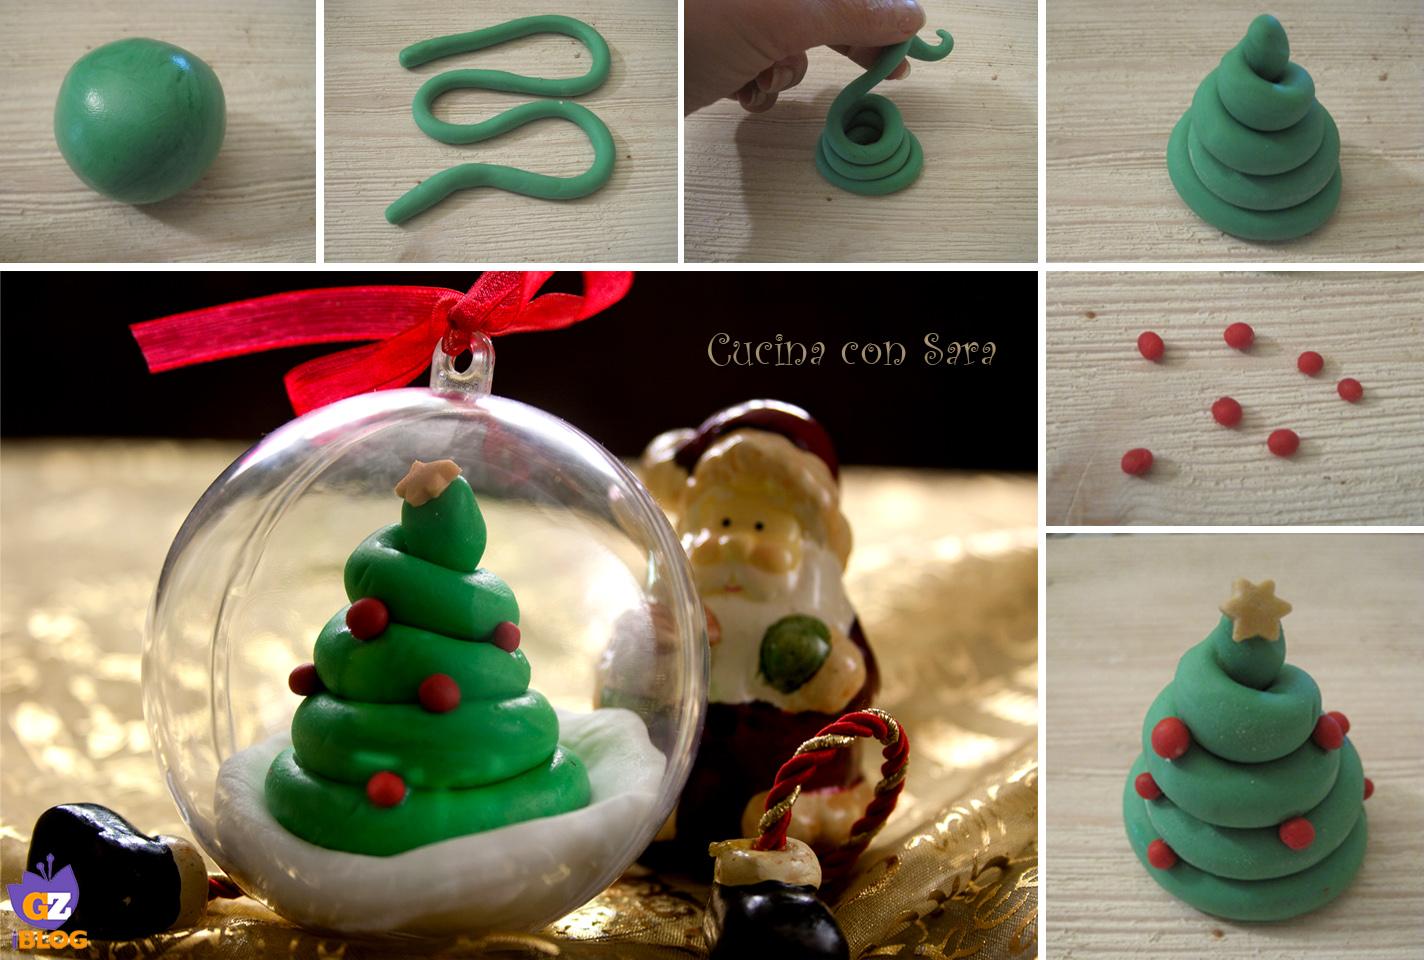 Tutorial Palline Di Natale Con Foto.Palle Di Natale Decorate Con Tutorial Cucina Con Sara